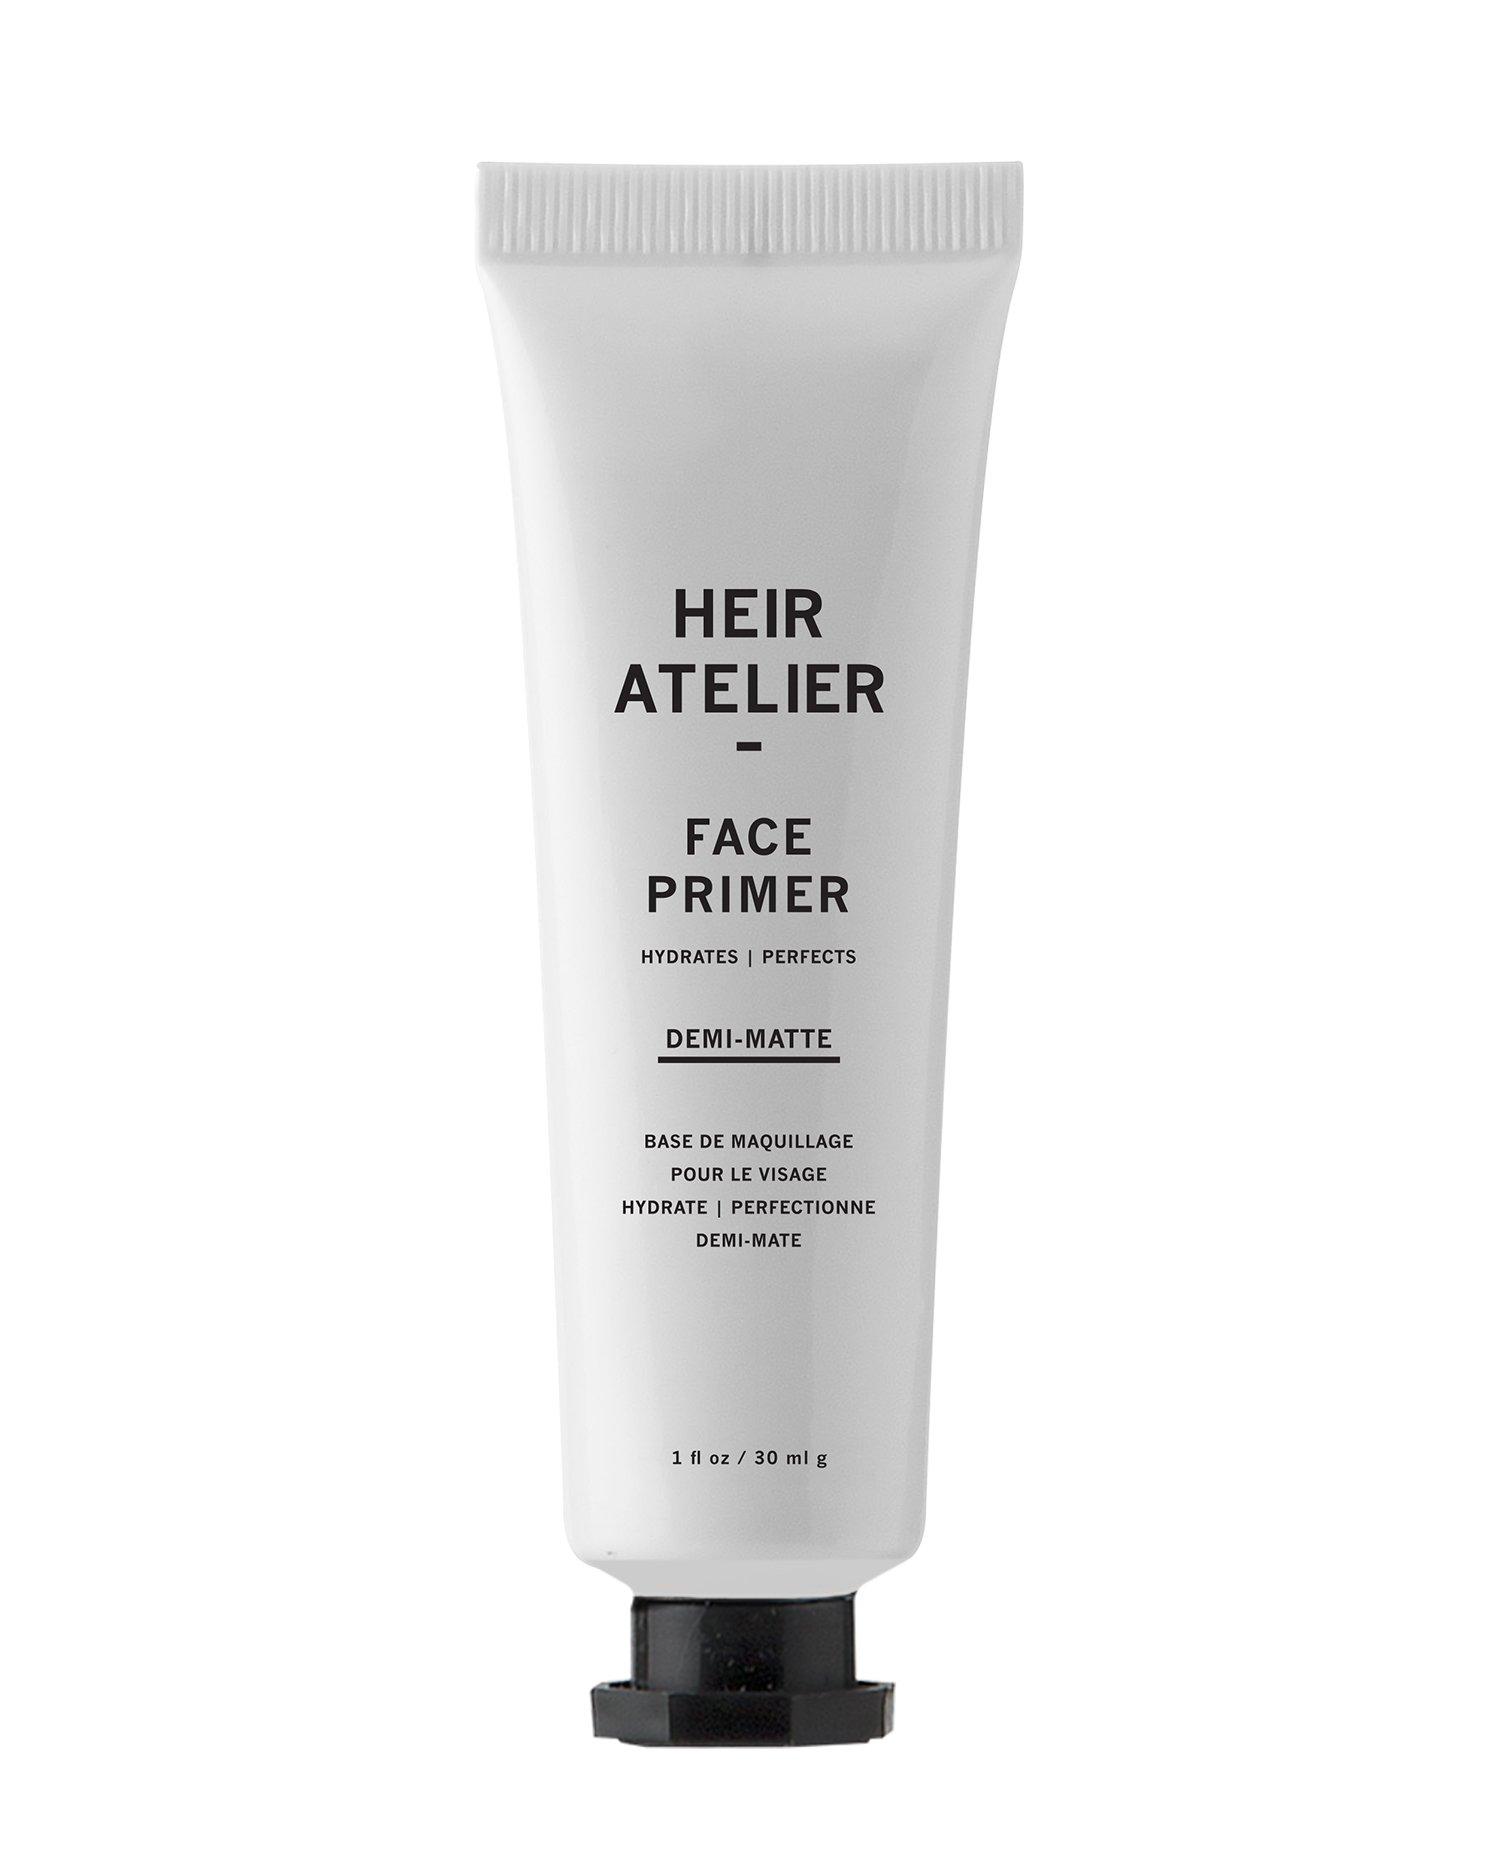 Heir Atelier Face Primer $42